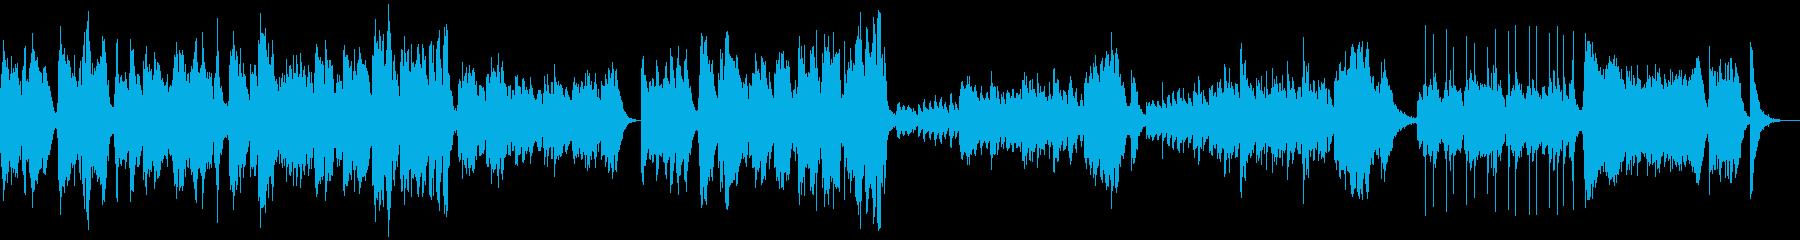 オーケストラ楽器。ノスタルジックな...の再生済みの波形